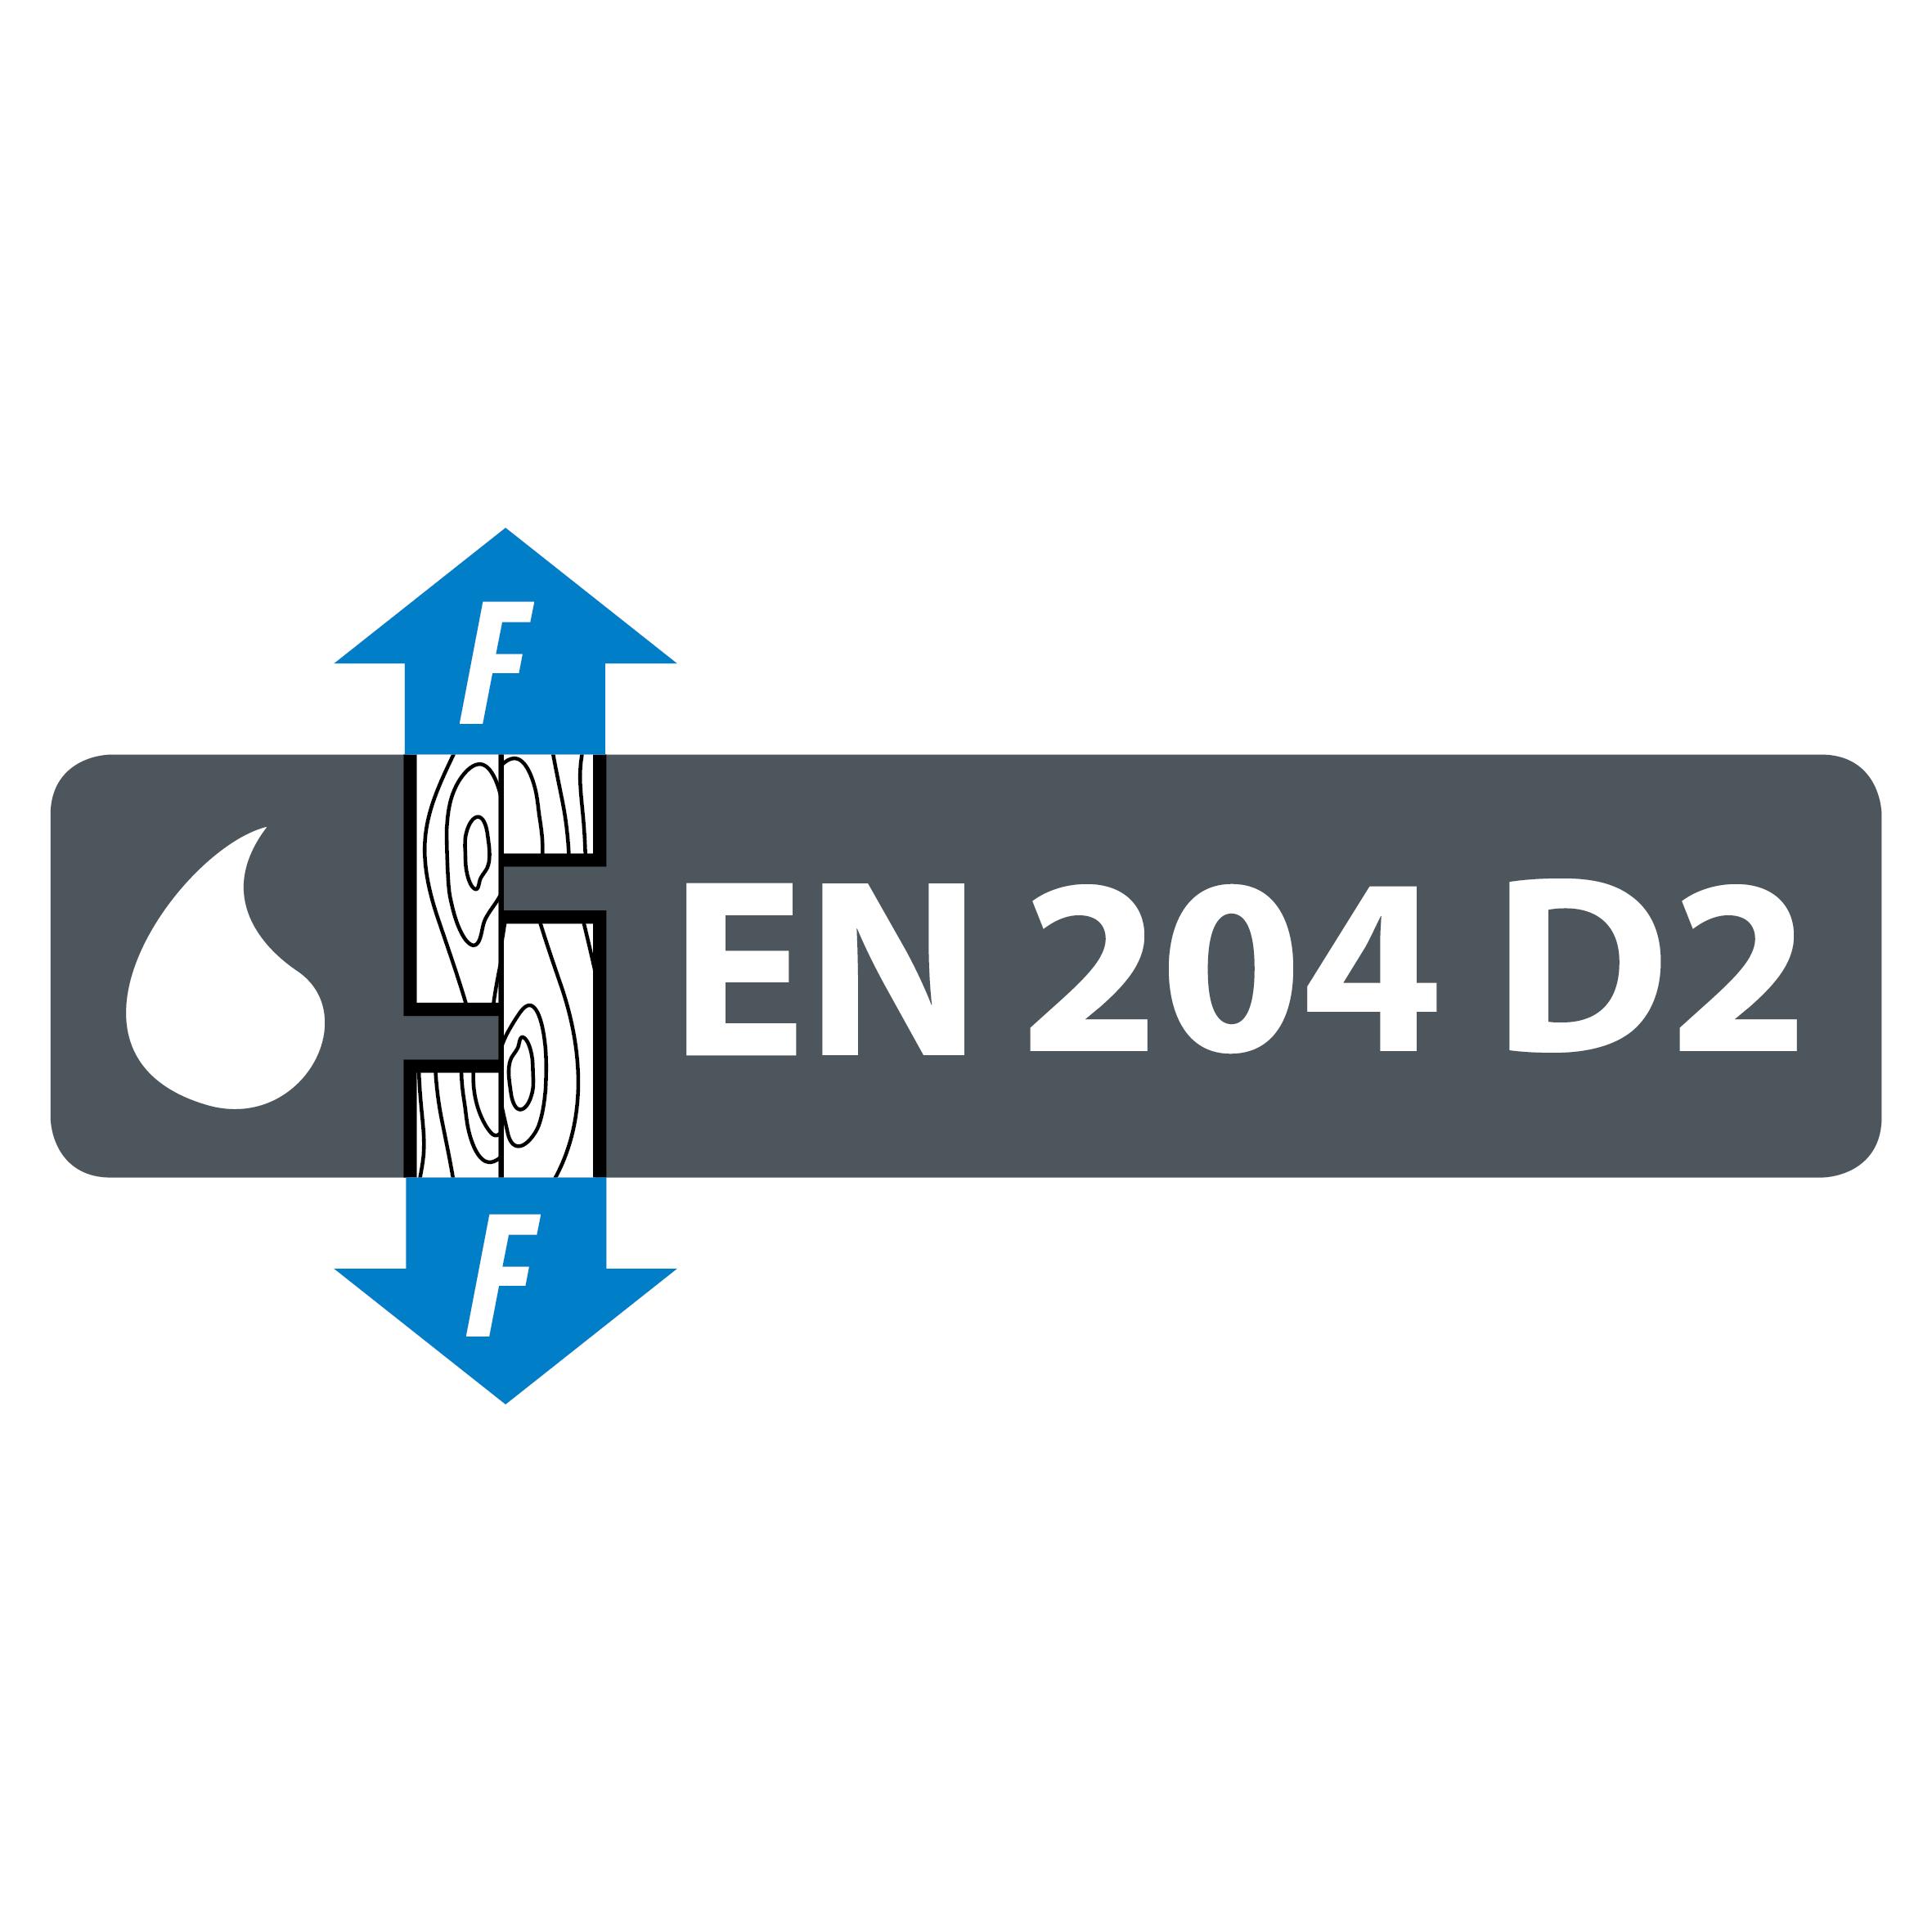 EN 204 D2 vattenbeständighets klassificering